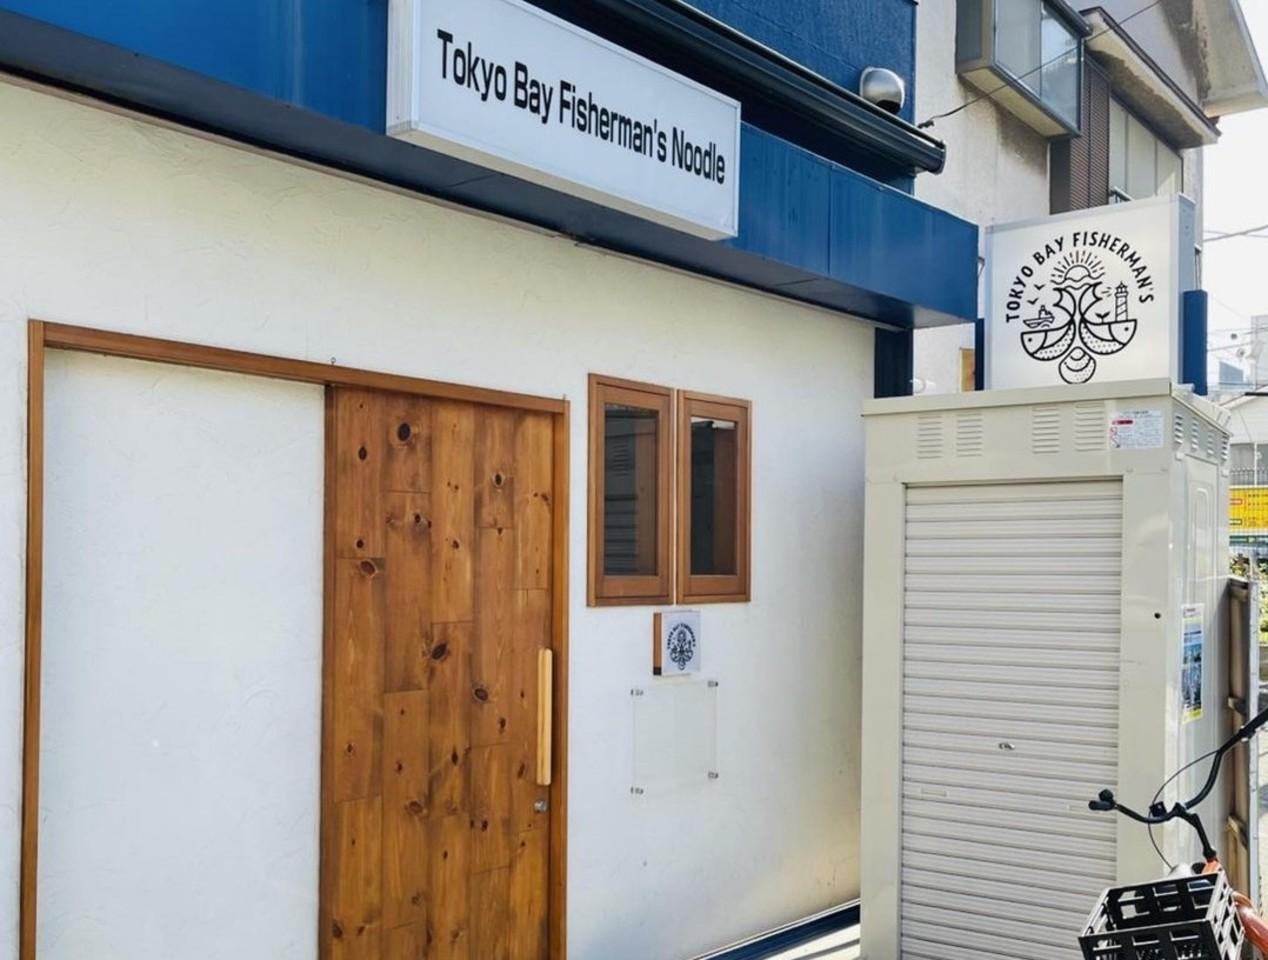 茅ヶ崎市新栄町に「トーキョーベイフィッシャーマンズヌードル茅ヶ崎店」が本日オープンされたようです。